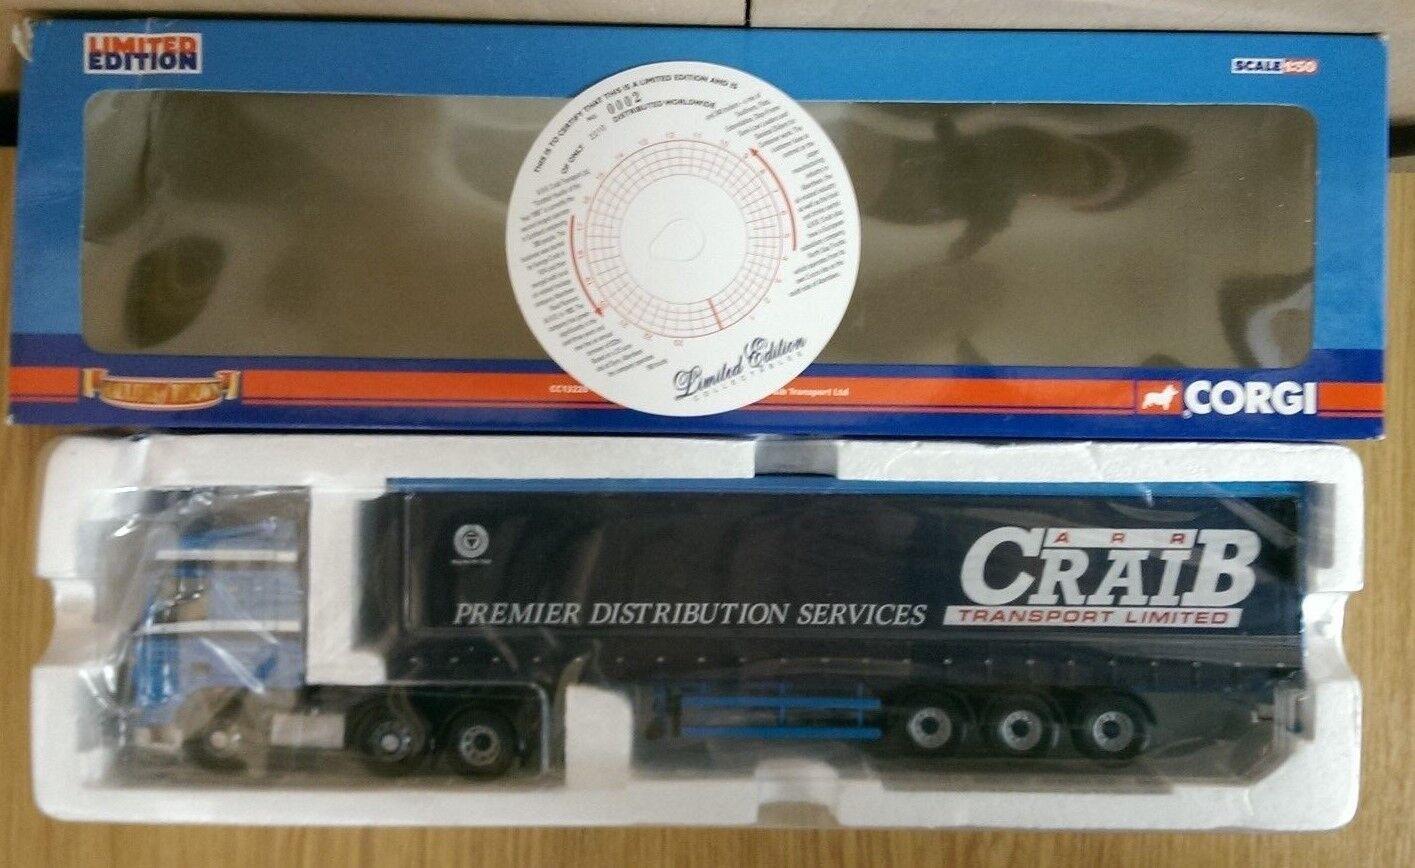 Corgi CC13228 DAF XF Space Cab Curtainside A.R.R. Craib Ltd Ed No. 0002 of 2210